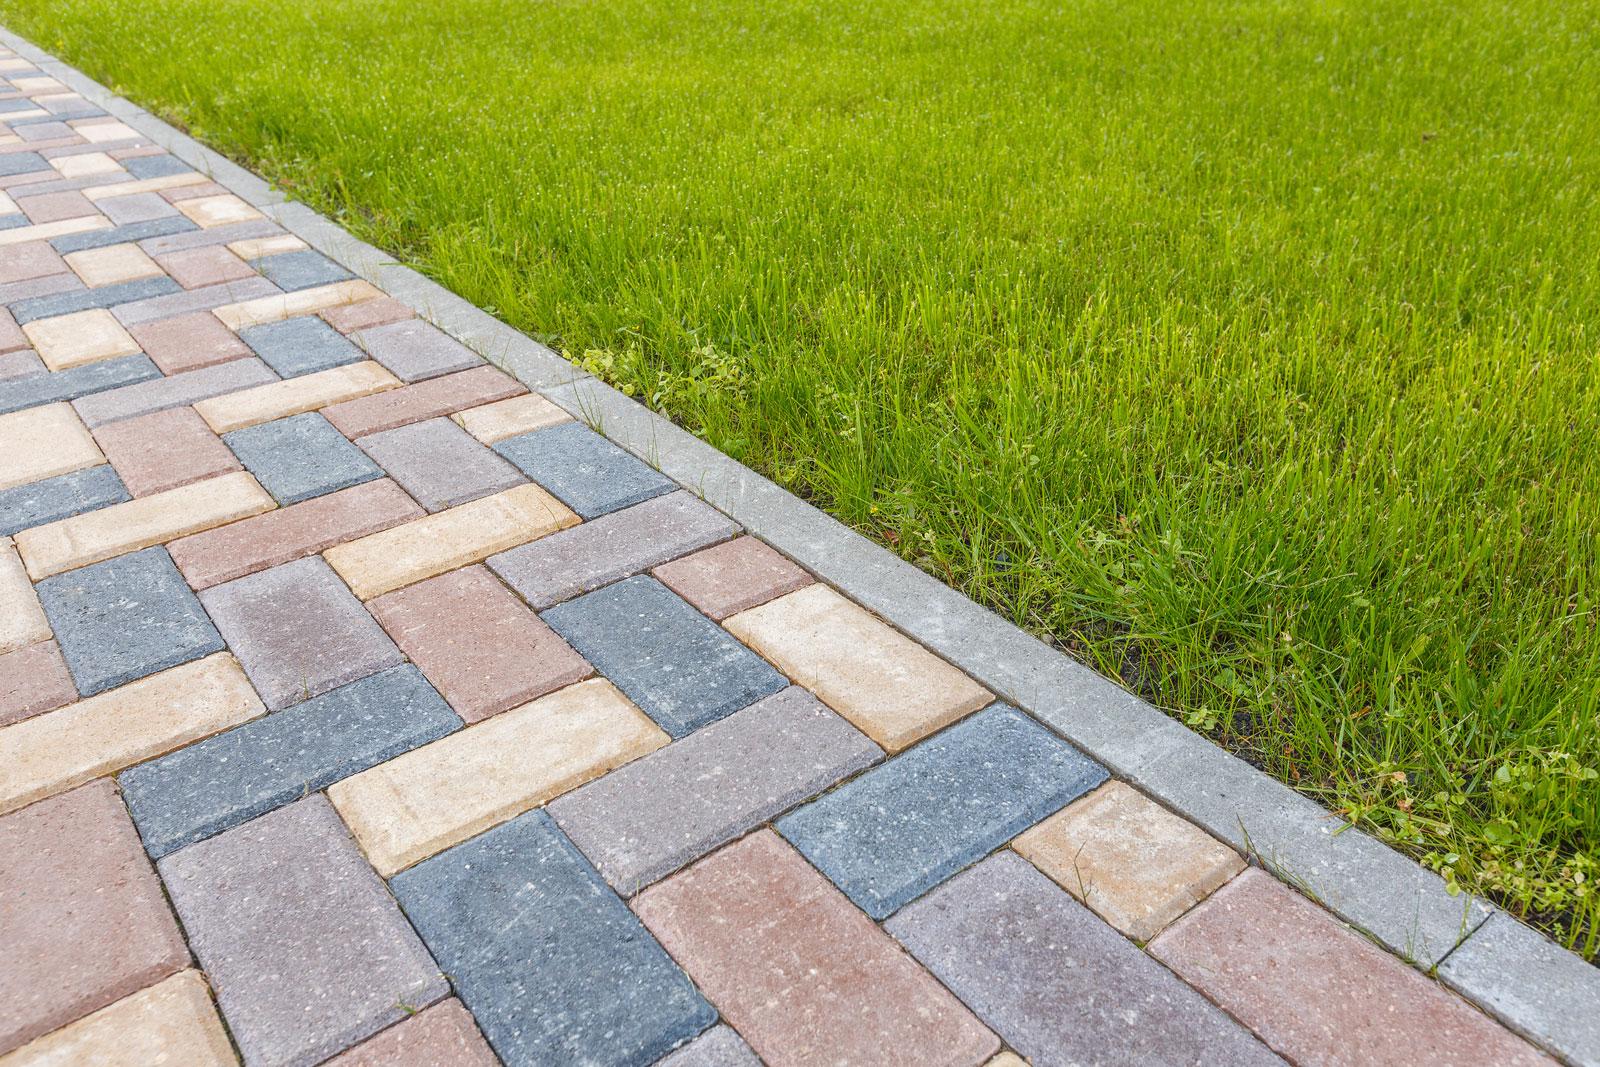 Betonpflastersteine: Durch Mischung unterschiedlicher Farben entsteht ein lebendiger Eindruck.